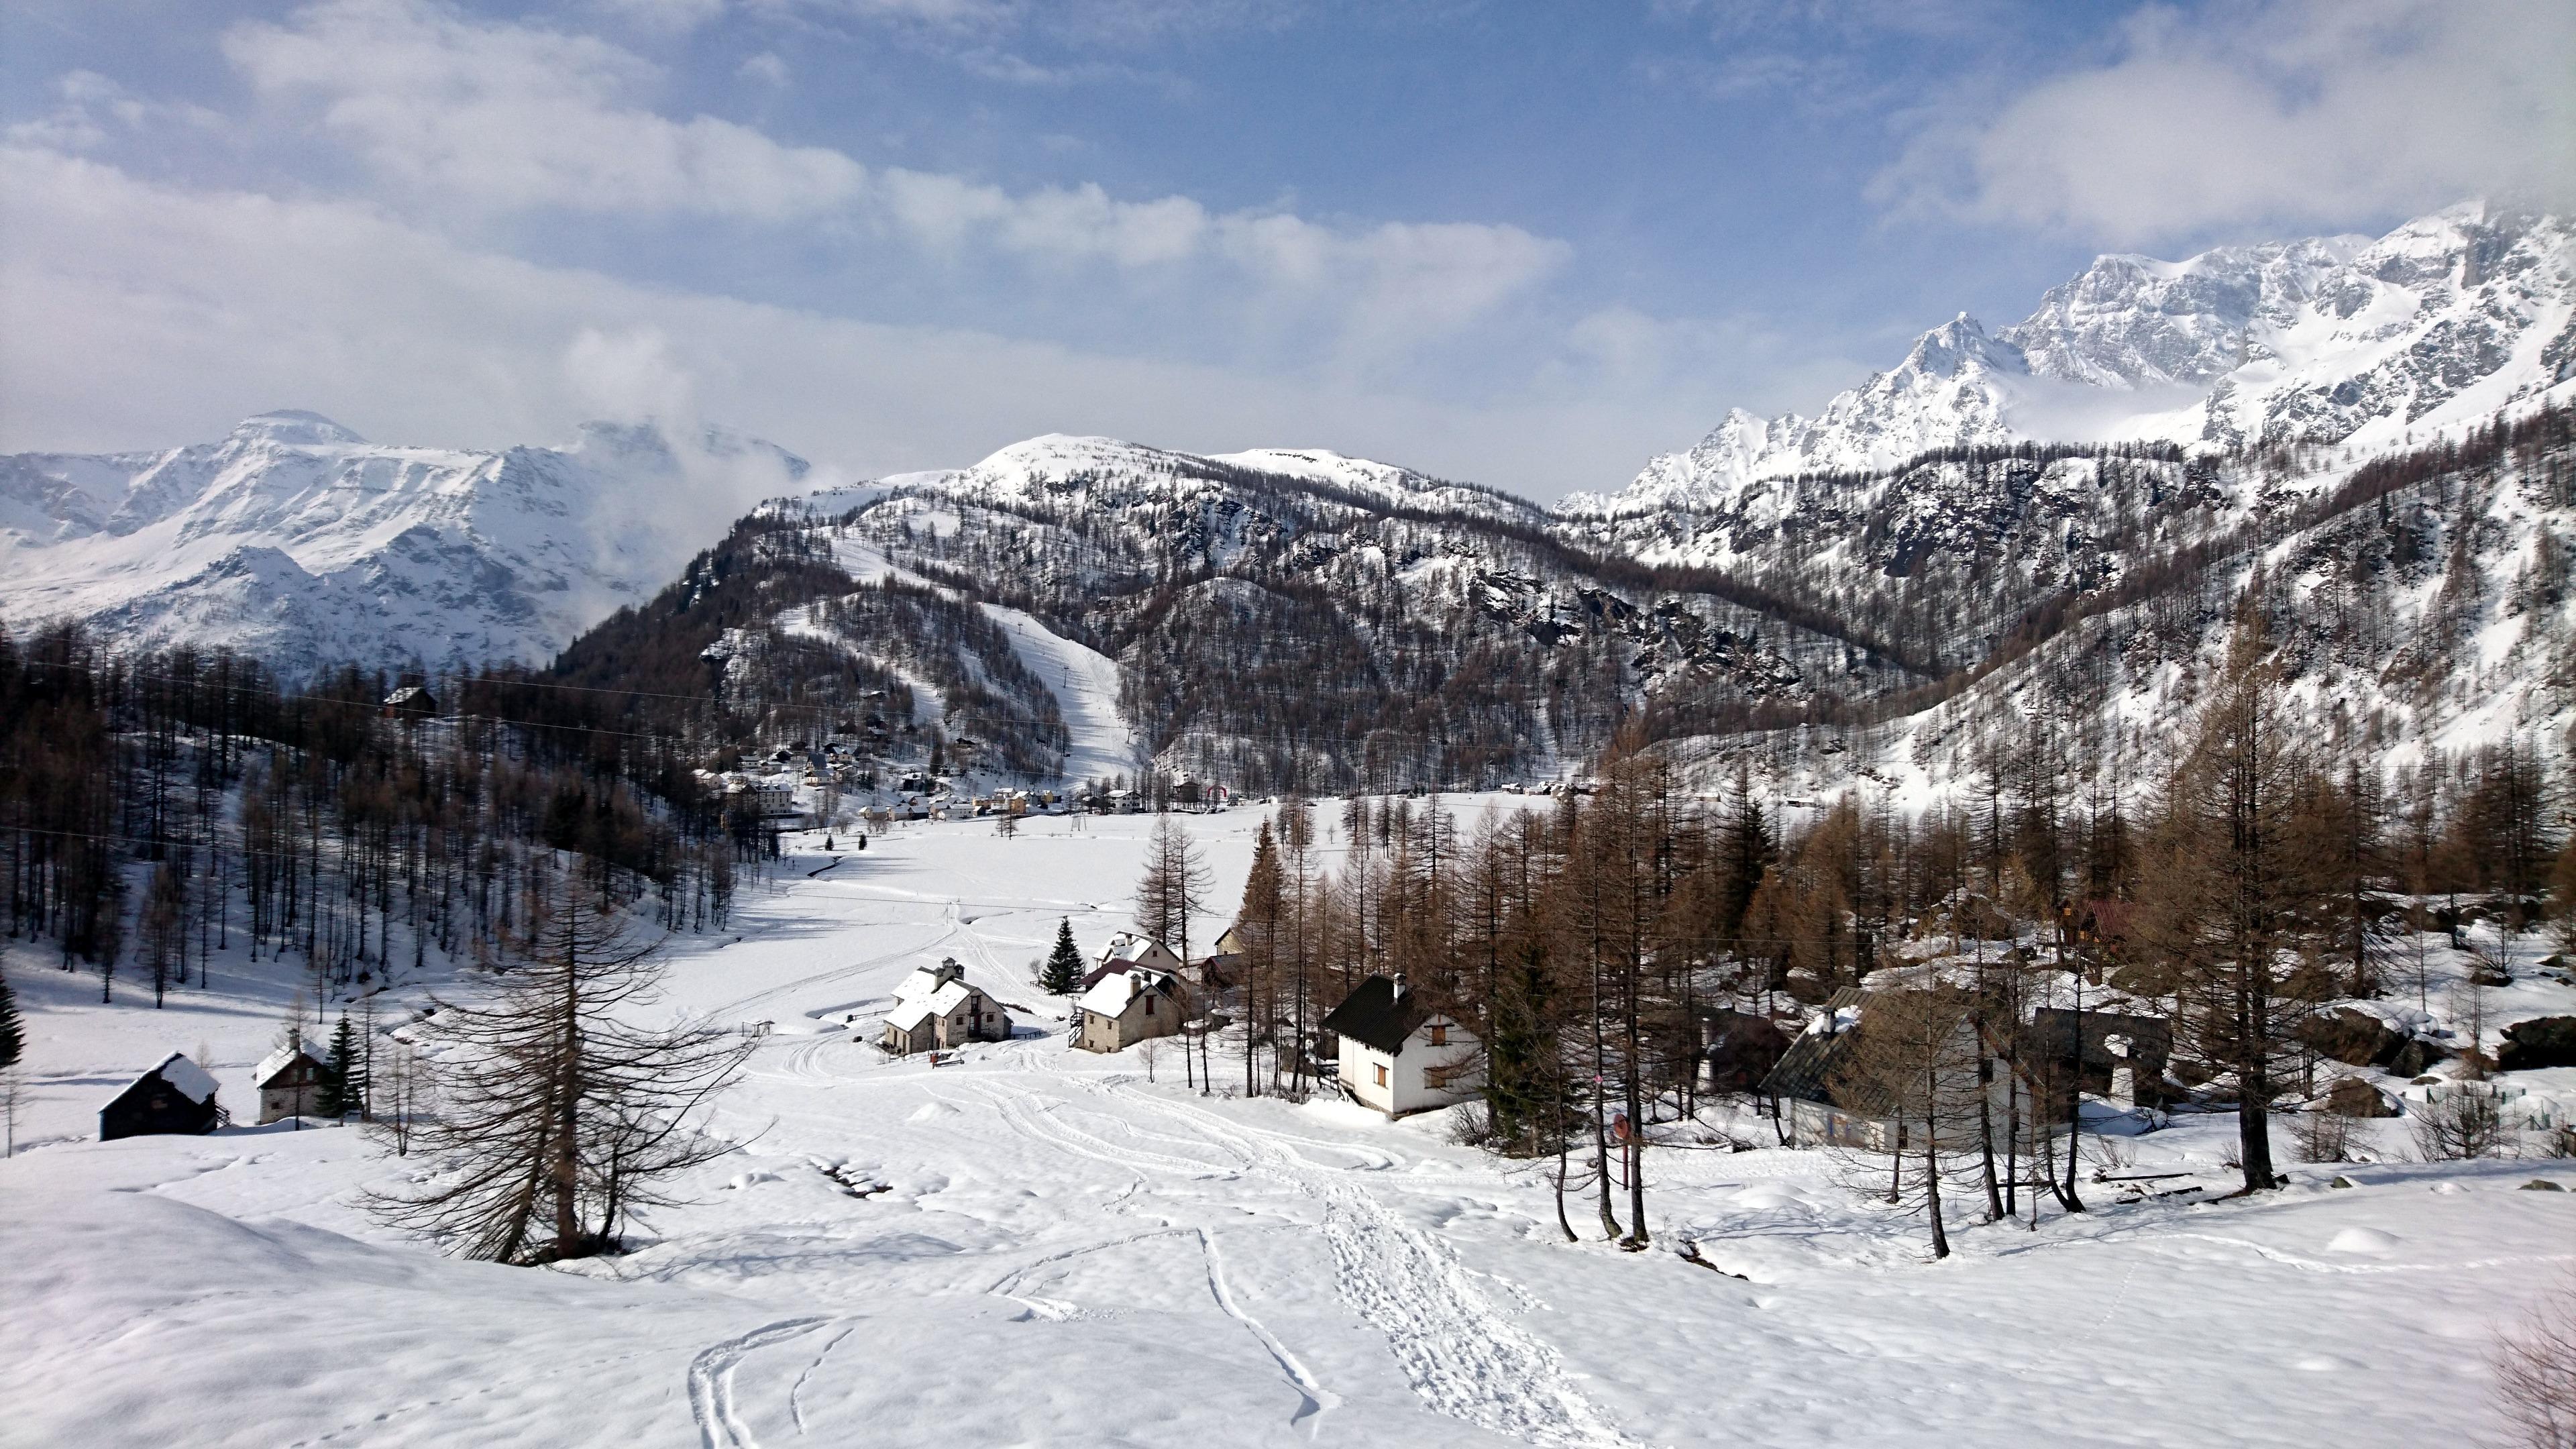 Subito a monte della piana di Devero in direzione della frazione Crampiolo. Vista verso il Cazzola e le piste da sci